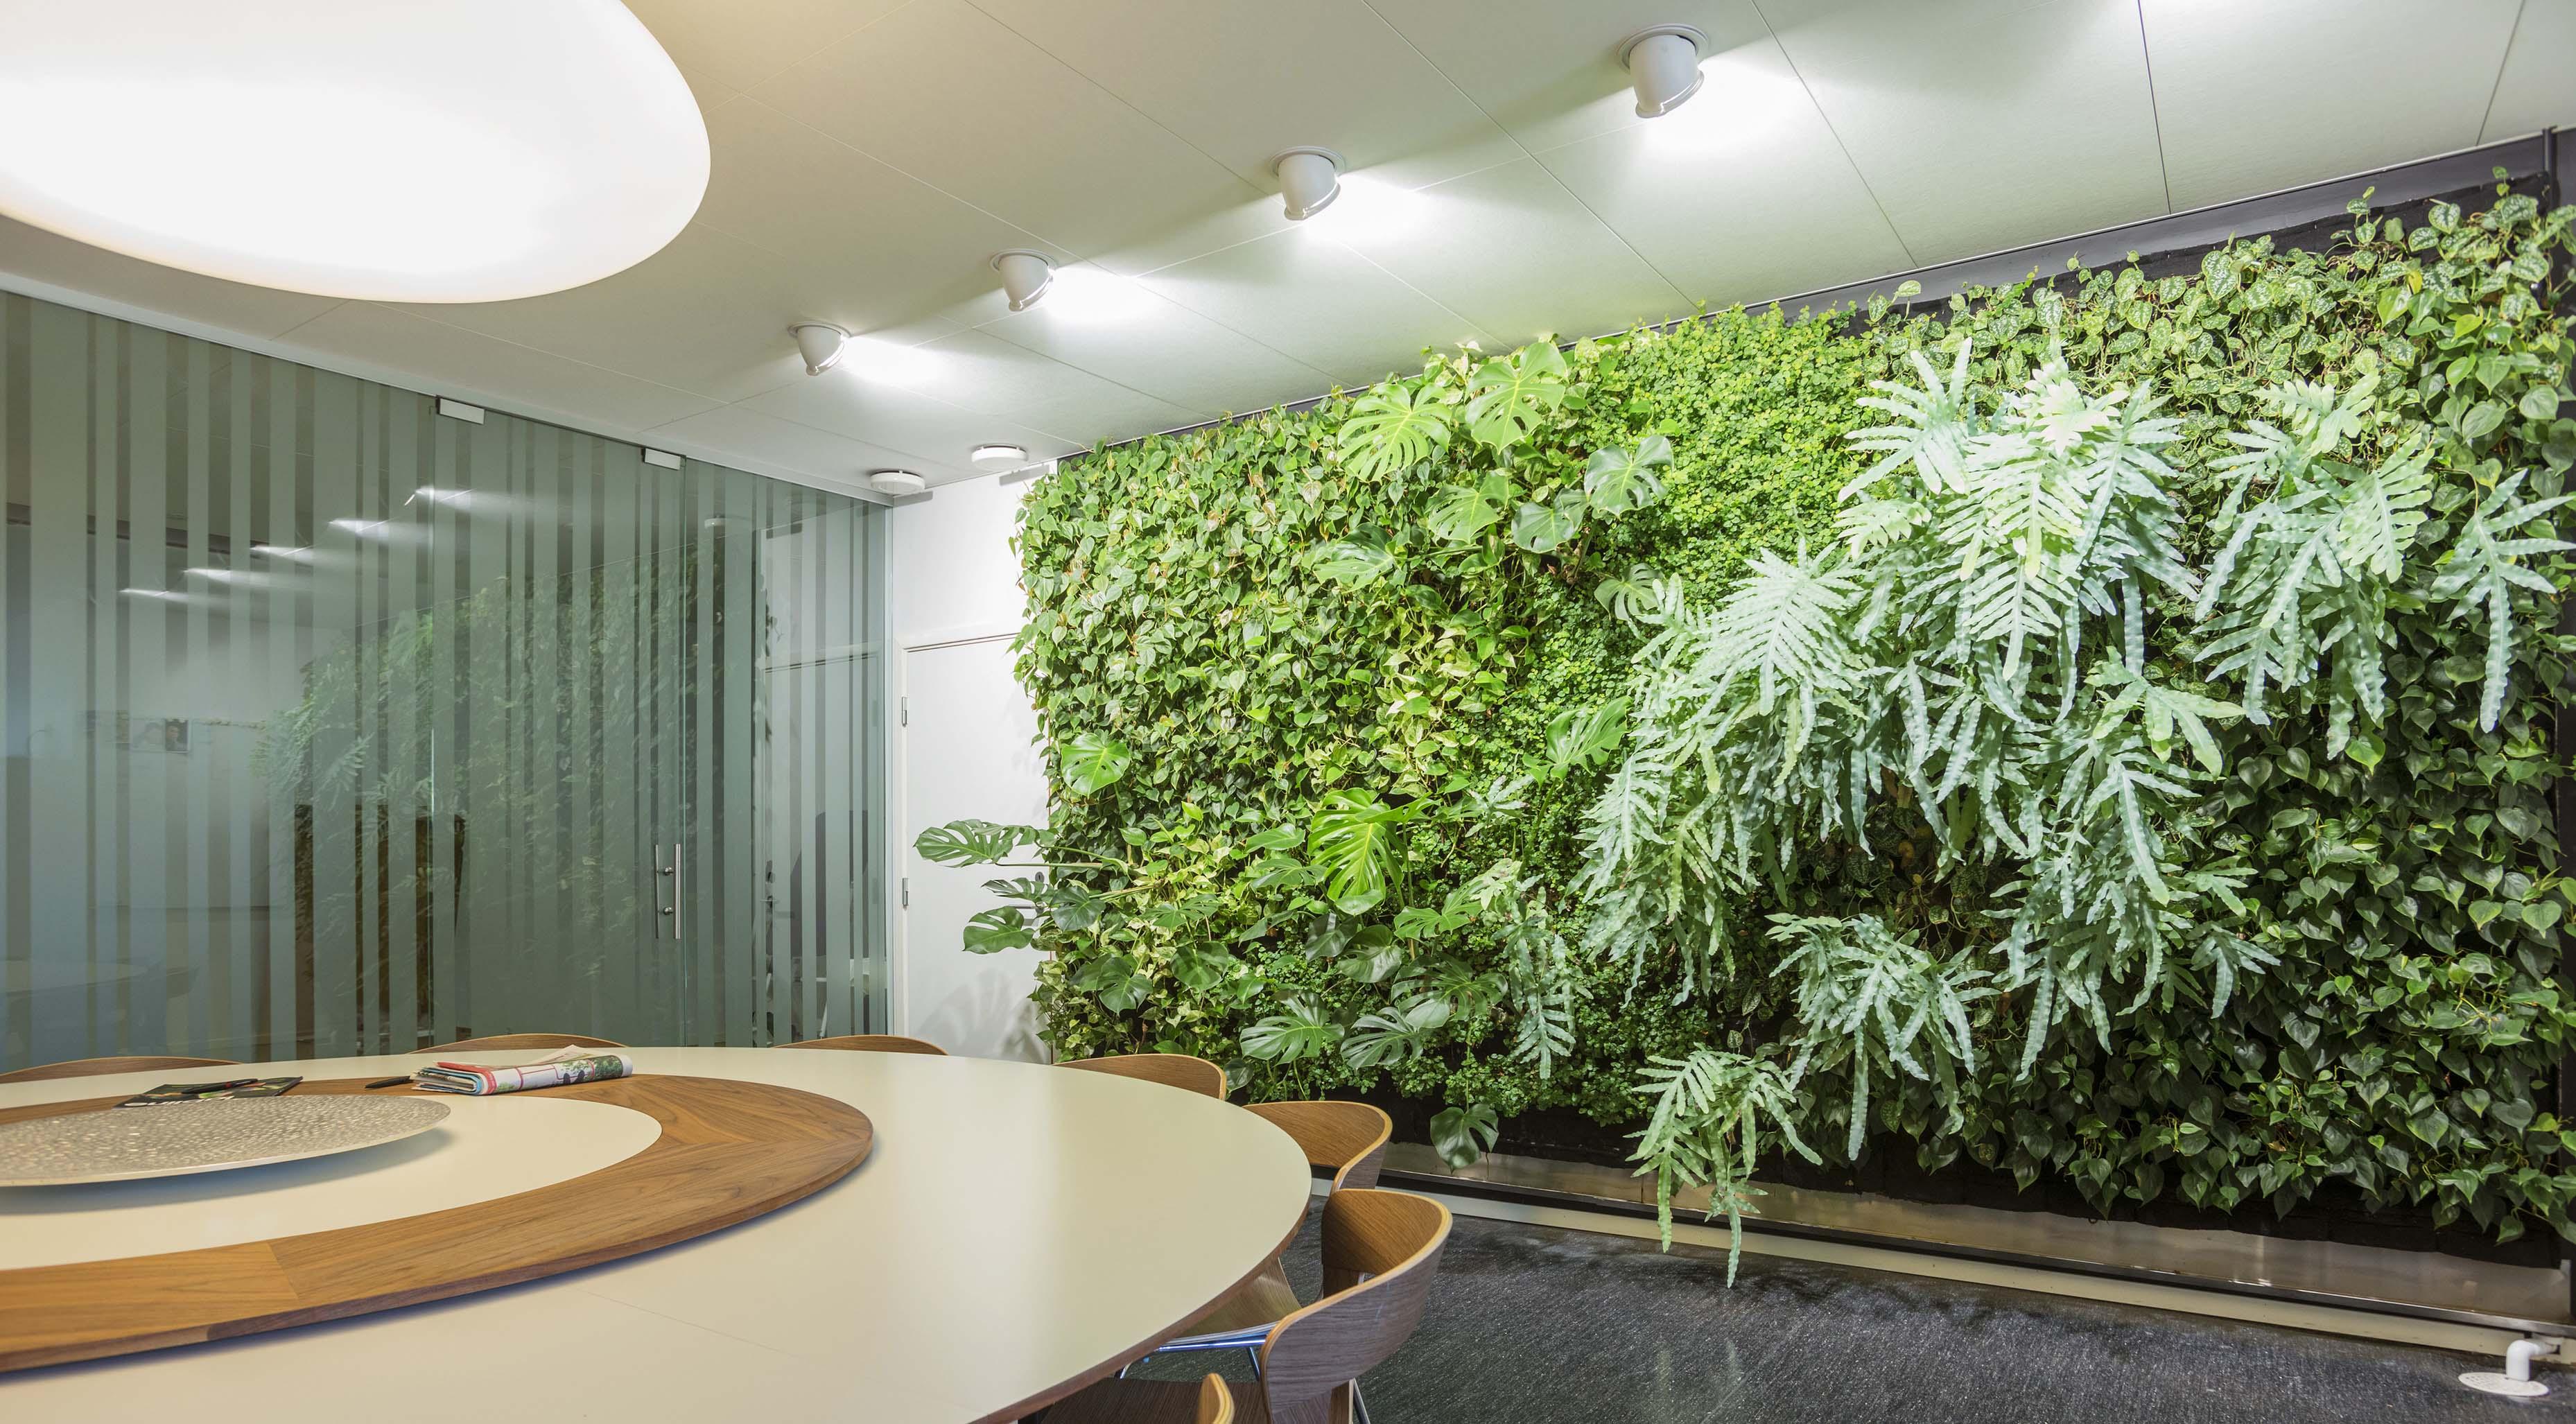 墻上能種植物嗎?植物墻設計方式有哪些?